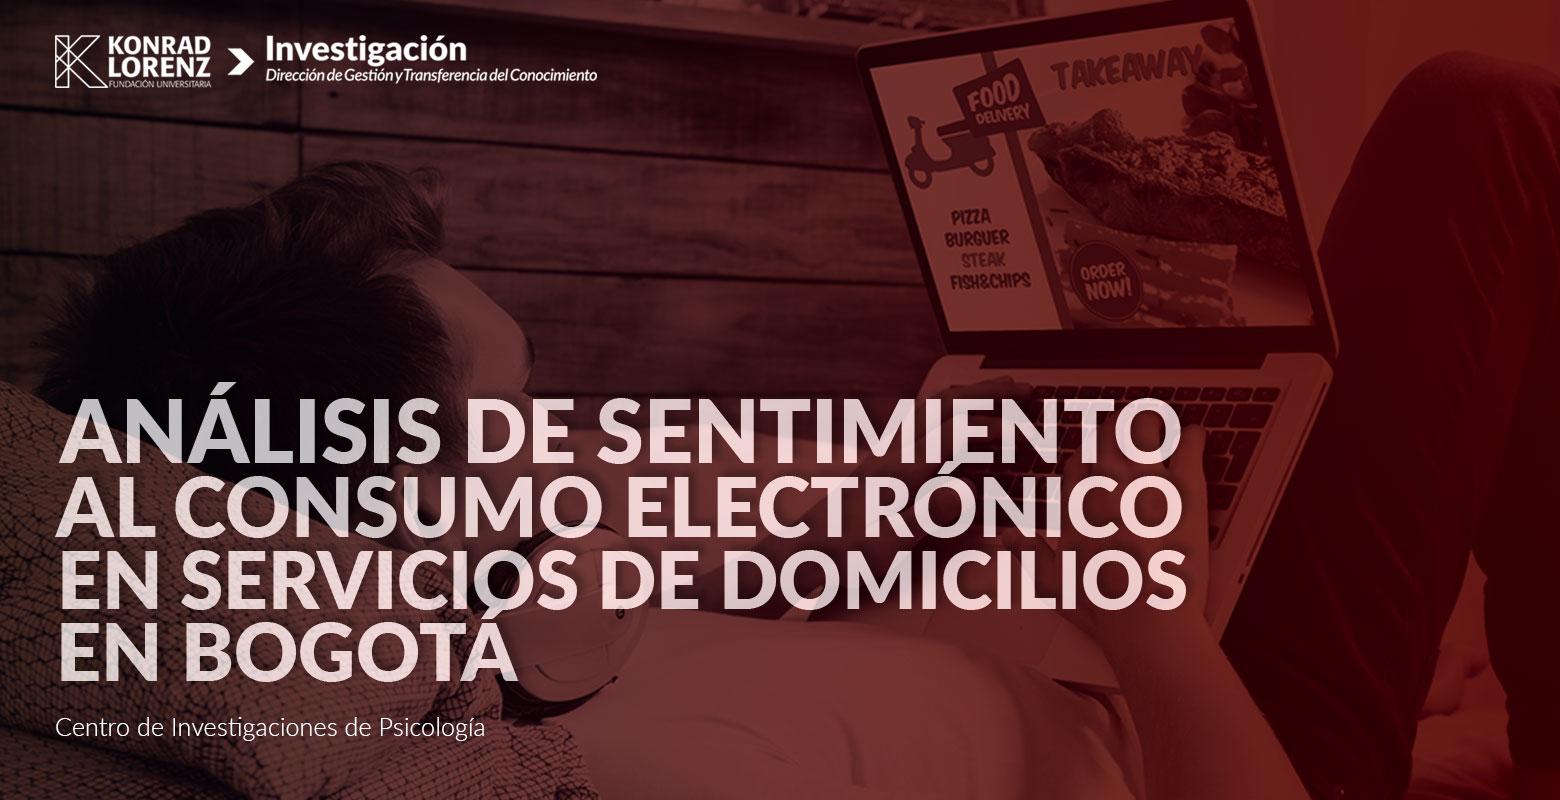 Análisis de sentimiento al consumo electrónico en servicios de domicilios en Bogotá.